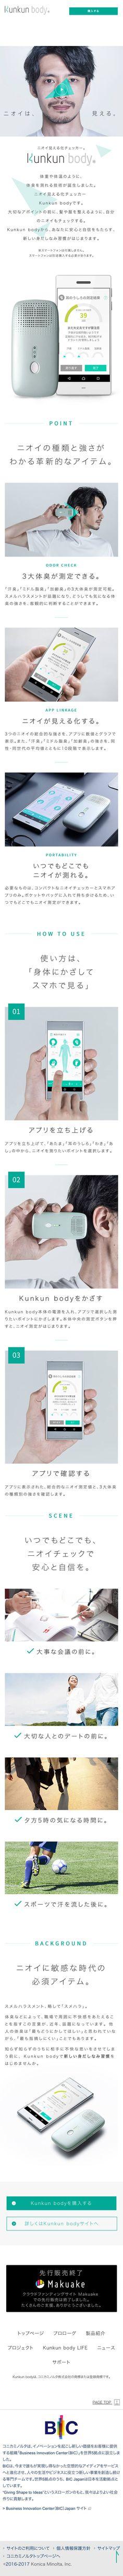 コニカミノルタ株式会社様の「Kunkun body」のスマホランディングページ(LP)かっこいい系 美容・健康機器 #LP #ランディングページ #ランペ #Kunkun body